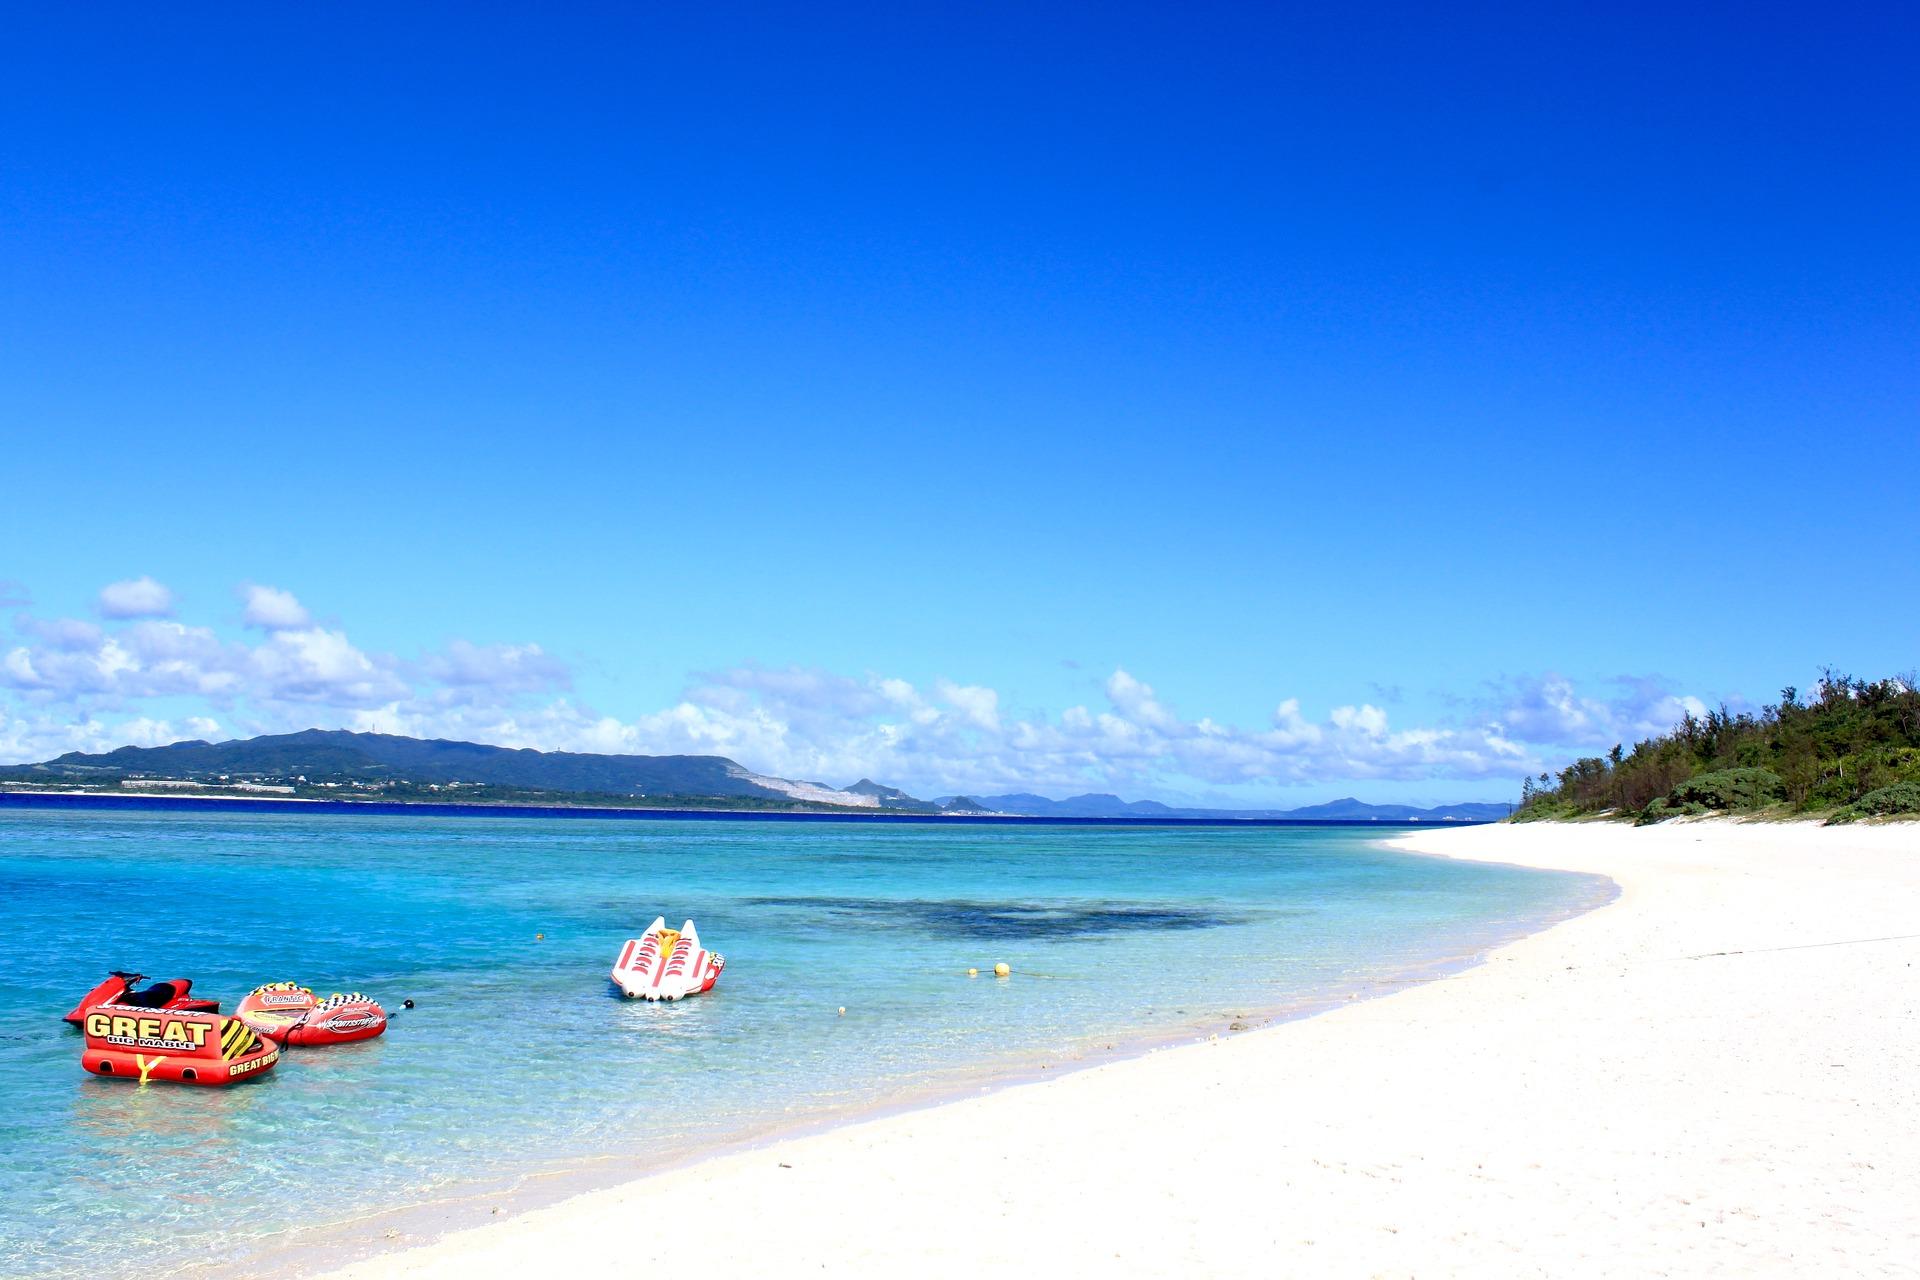 沖縄旅行を予約!マリオット系列のホテルを予約した際の注意点